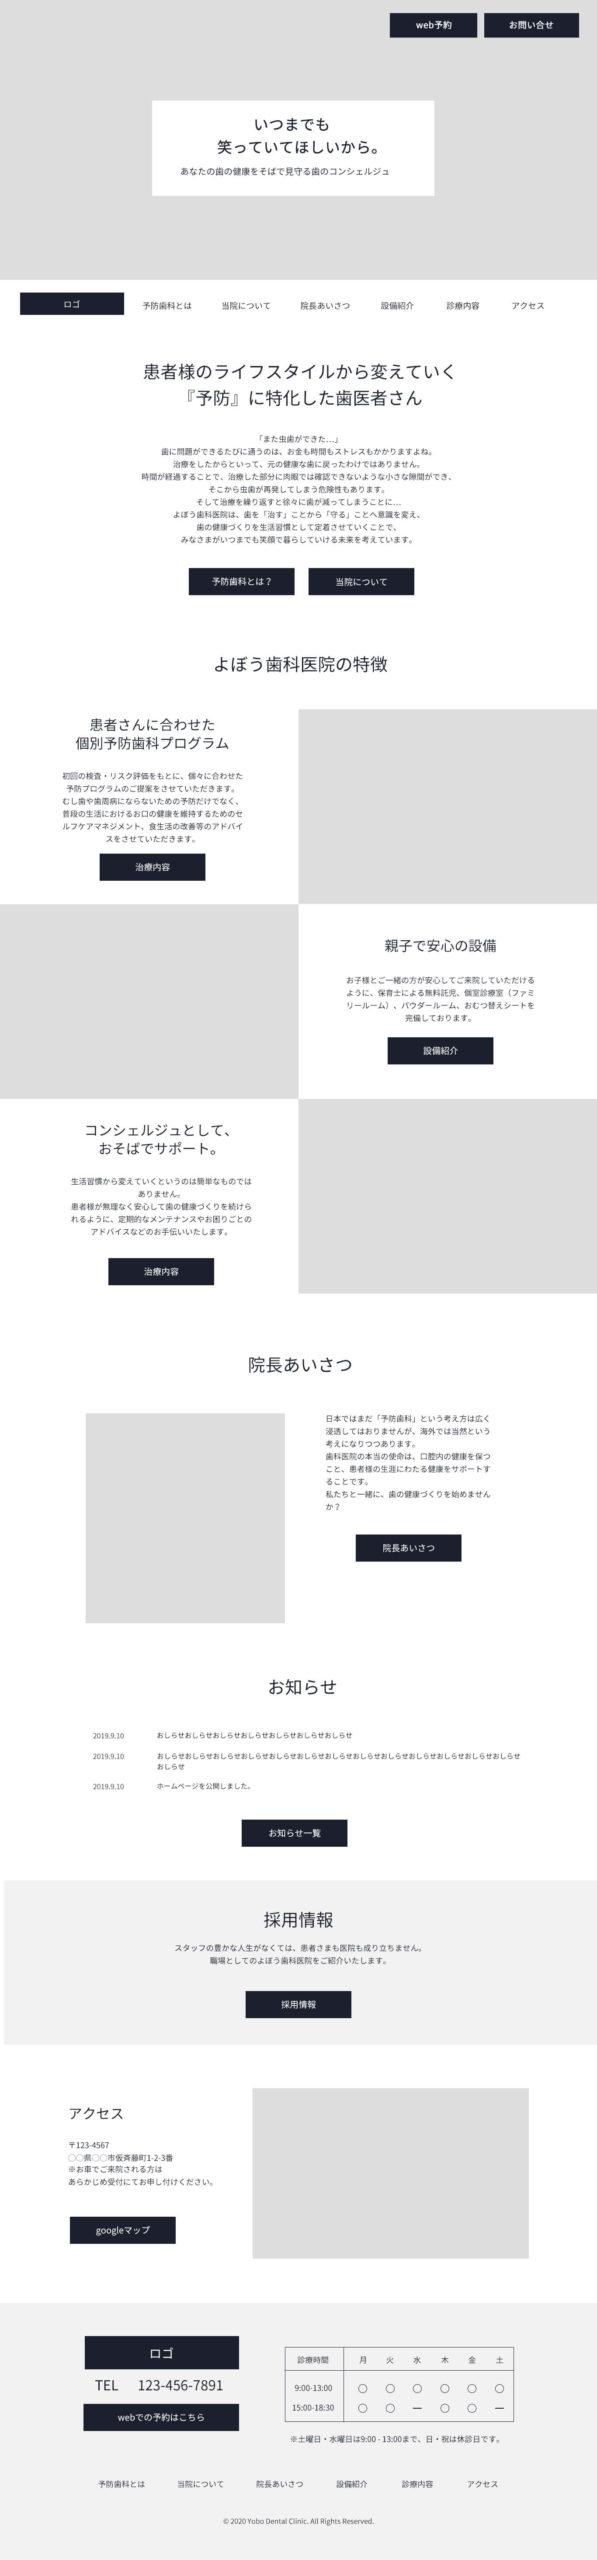 デザインカンプの構成案